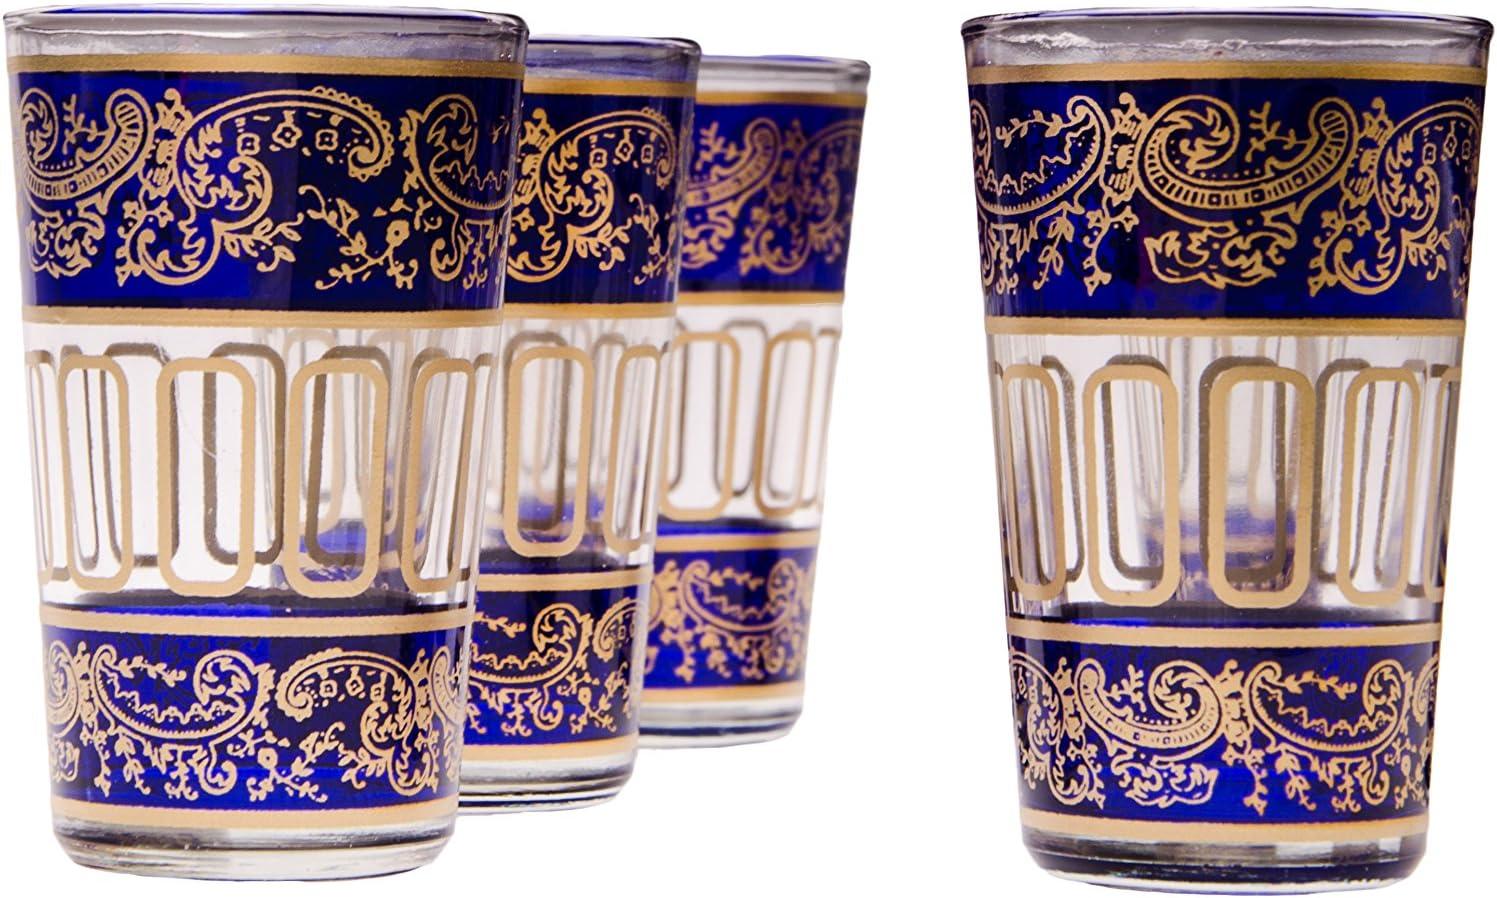 Lot de 6 verres /à th/é caf/é color/é marocain Lamia couleur Rouge 6 Photophore en verre comme d/écoration marocaine dans votre chambre ou maison verre de th/é turc en style oriental